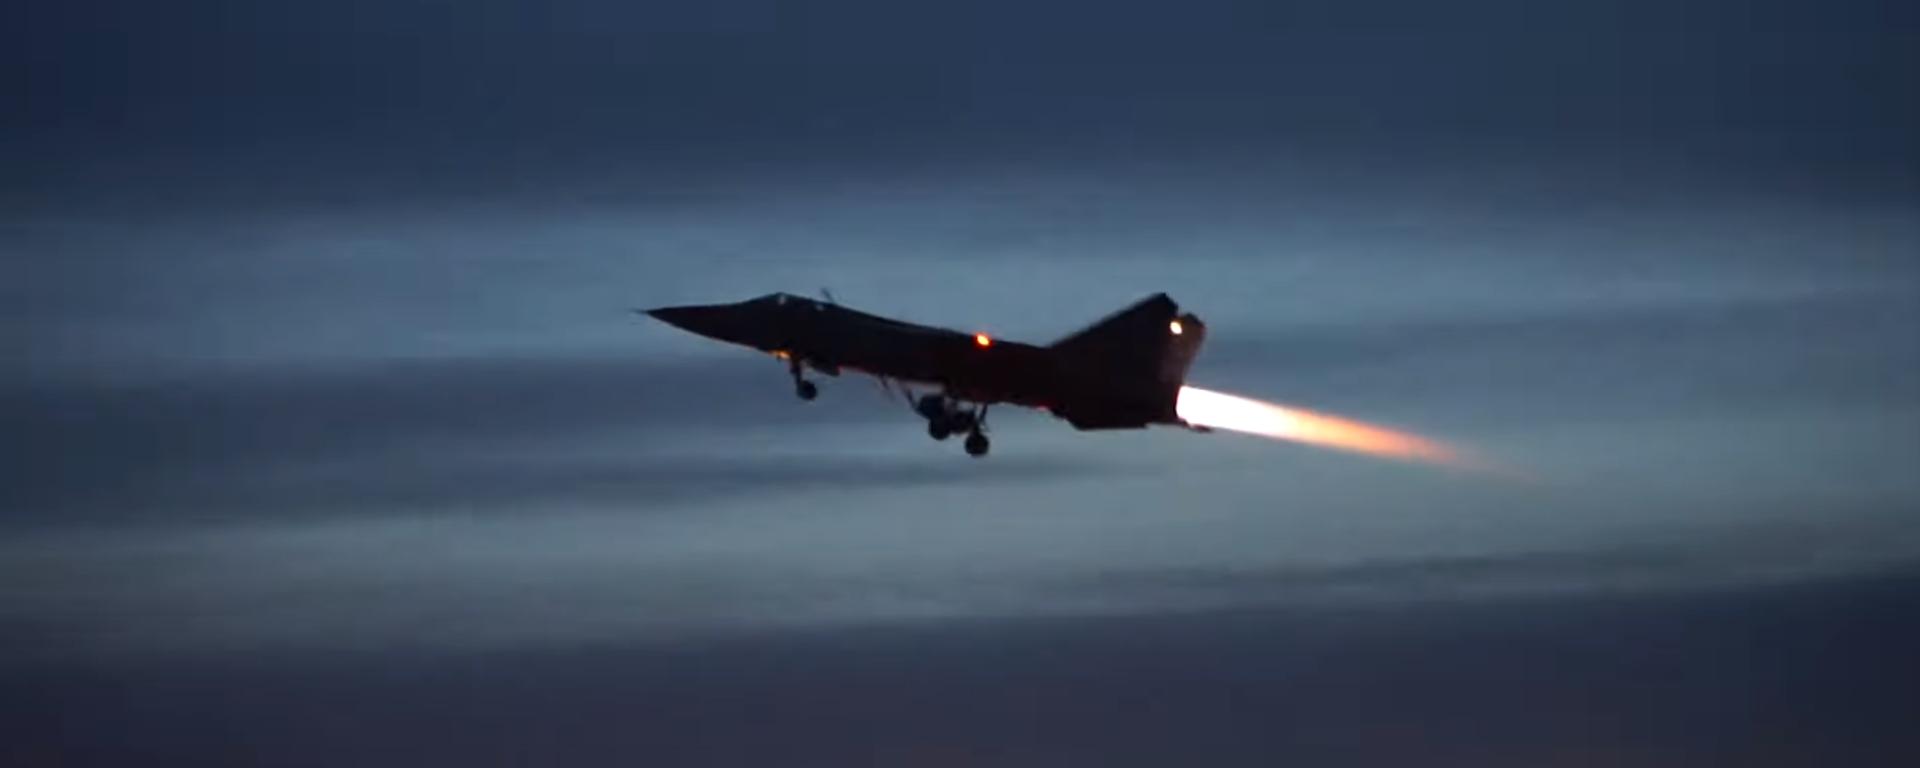 Los MiG-31 rusos realizan maniobras nocturnas en la estratosfera  - Sputnik Mundo, 1920, 25.01.2021